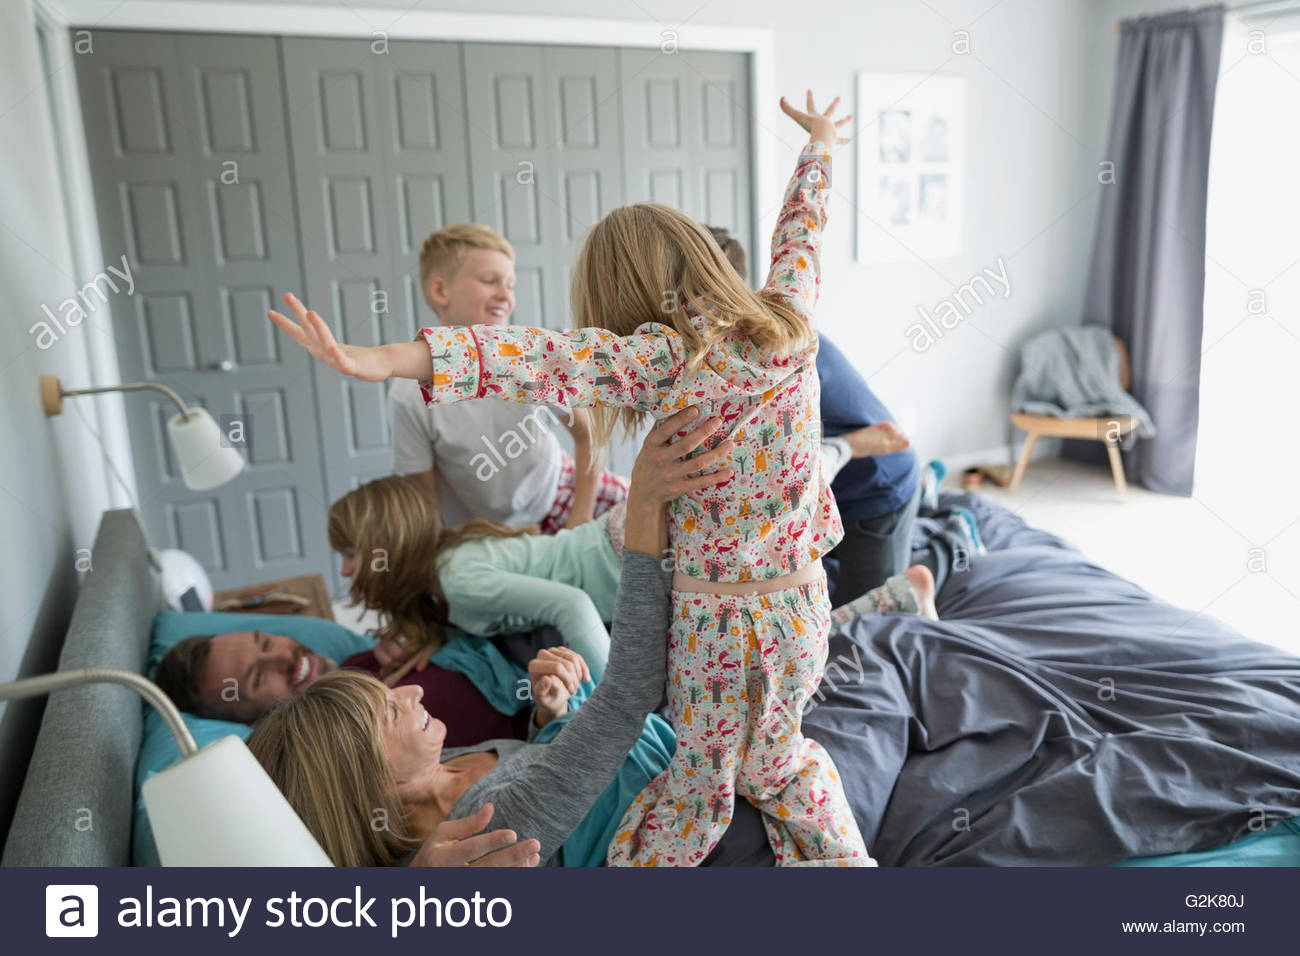 Los niños juguetones en pijama saltando sobre los padres en la cama Imagen De Stock